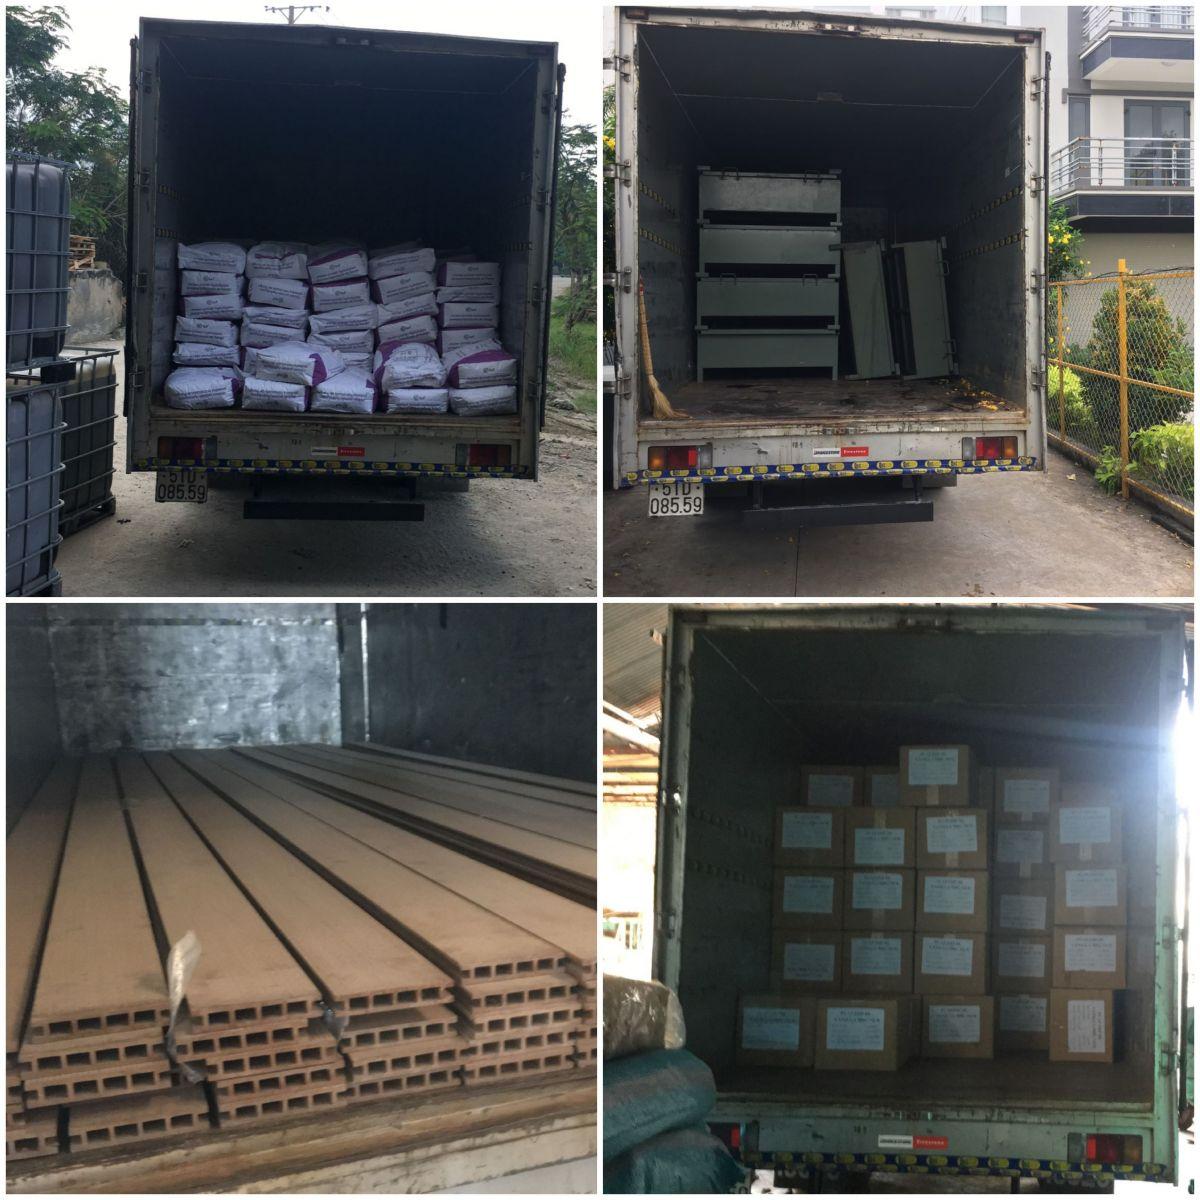 cho thuê xe tải thùng kín 5 tấn, 2 tấn chở hàng  bình dương, long an, đồng nai, hcm